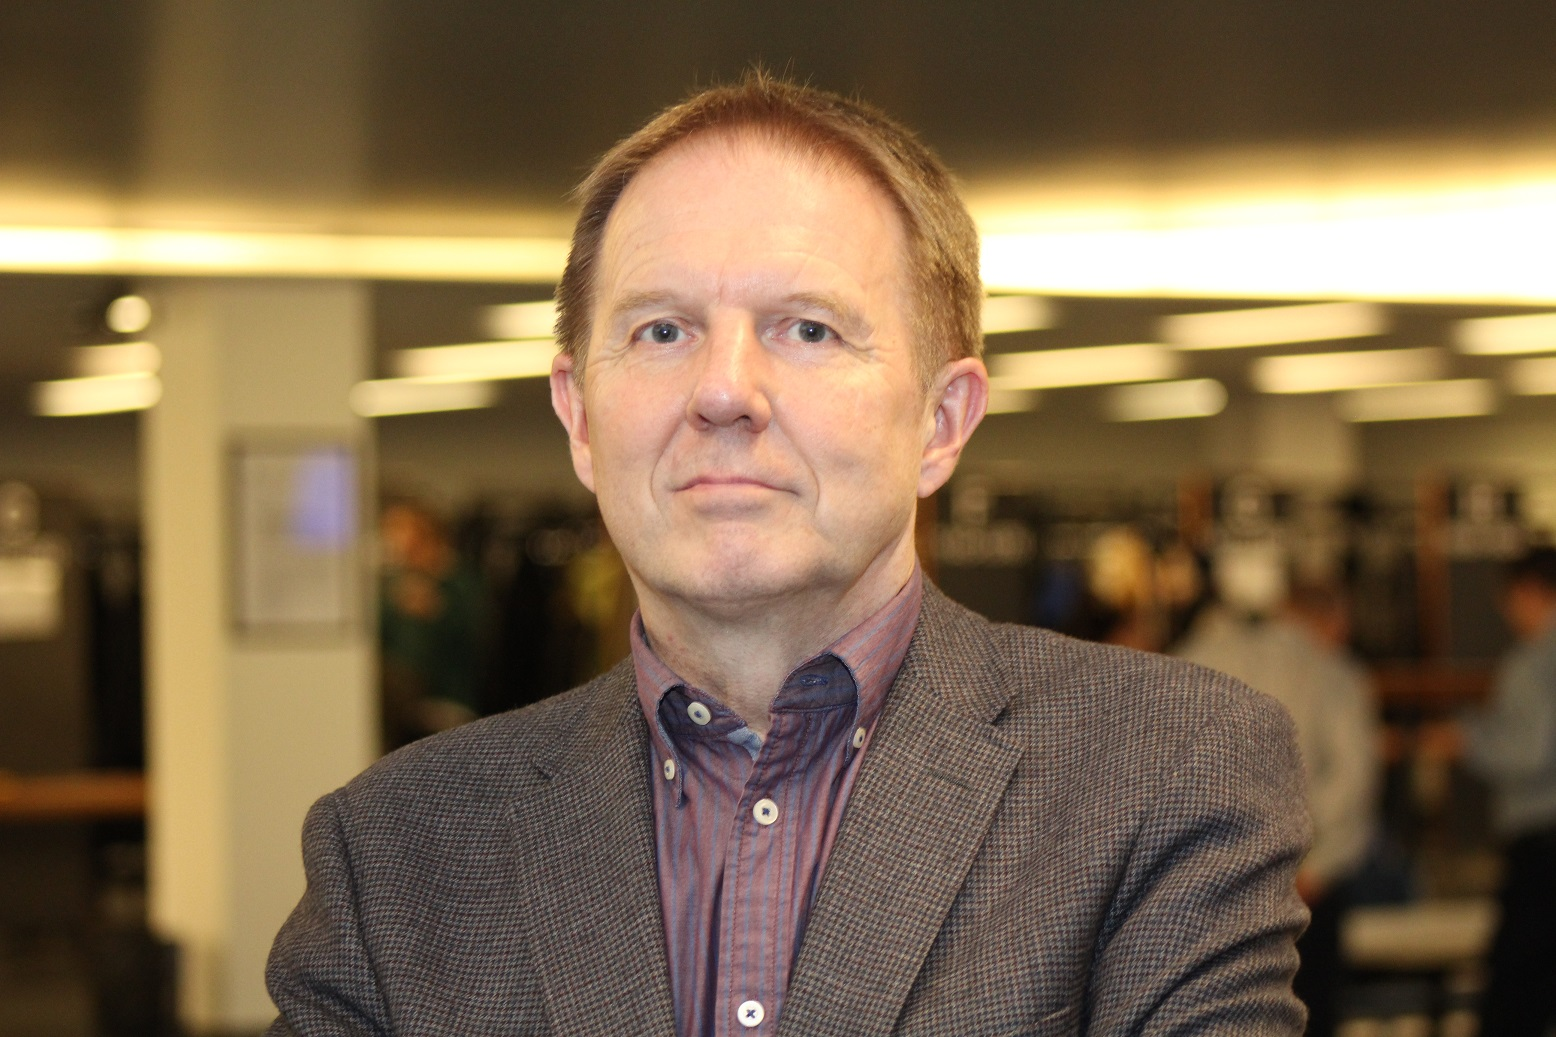 Dosentti, yliopistonlehtori Pekka Louhiala edusti tutkimusseminaarissa kriittistä näkemystä CAM-hoitoihin. Hän ei laittaisi rahaa sellaisten hoitojen tutkimukseen, joiden vaikutusmekanismia ei voida selittää uskottavasti.